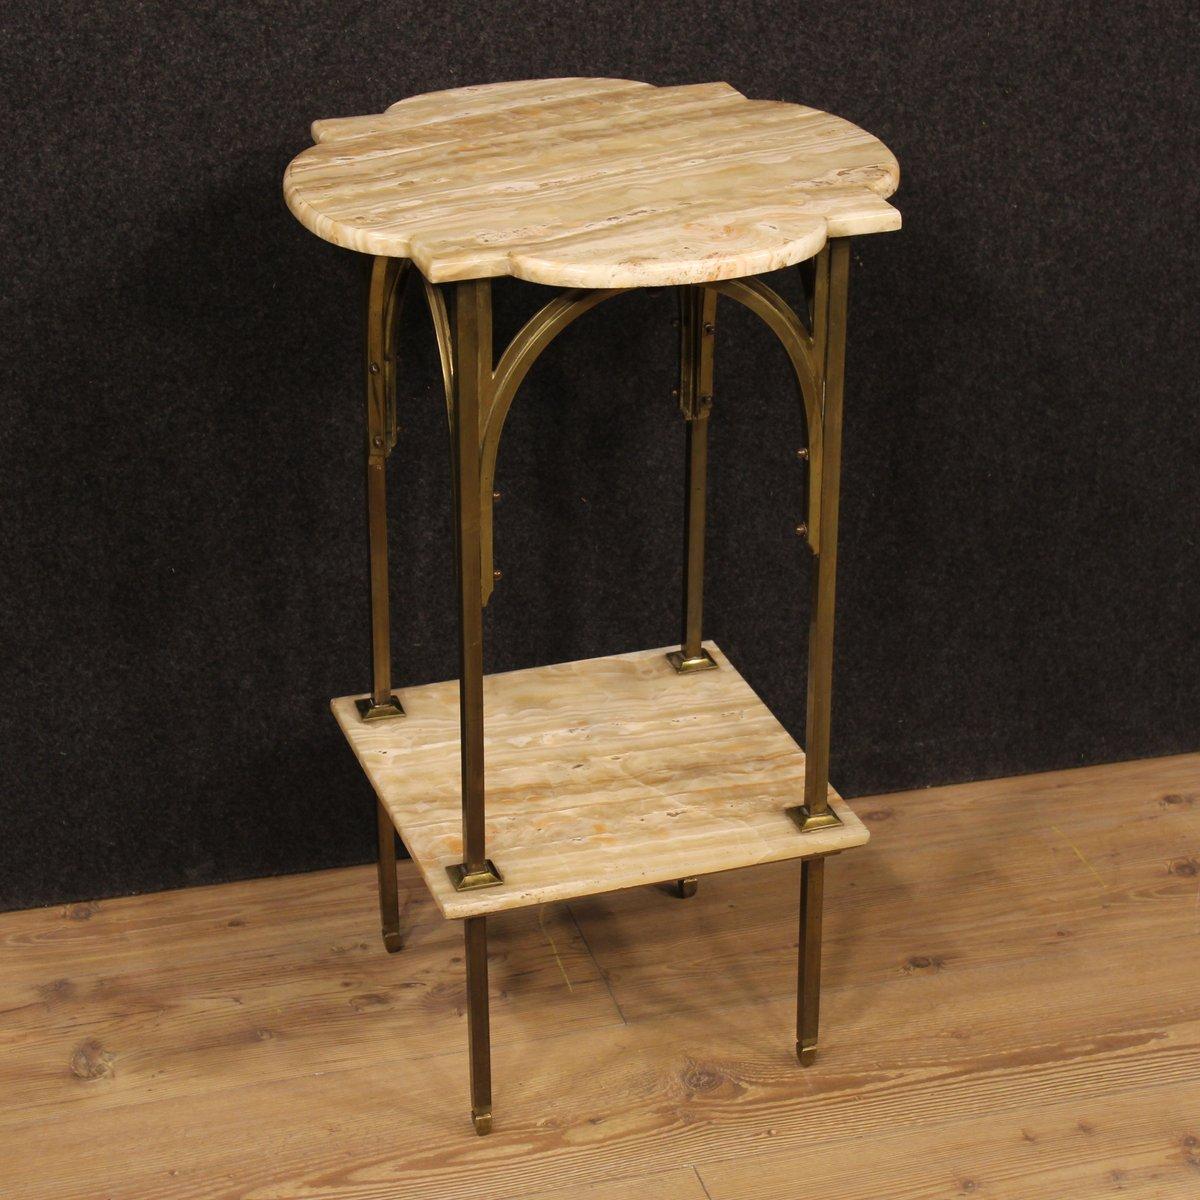 franz sischer niedriger beistelltisch aus onyx bronziertem metall bei pamono kaufen. Black Bedroom Furniture Sets. Home Design Ideas